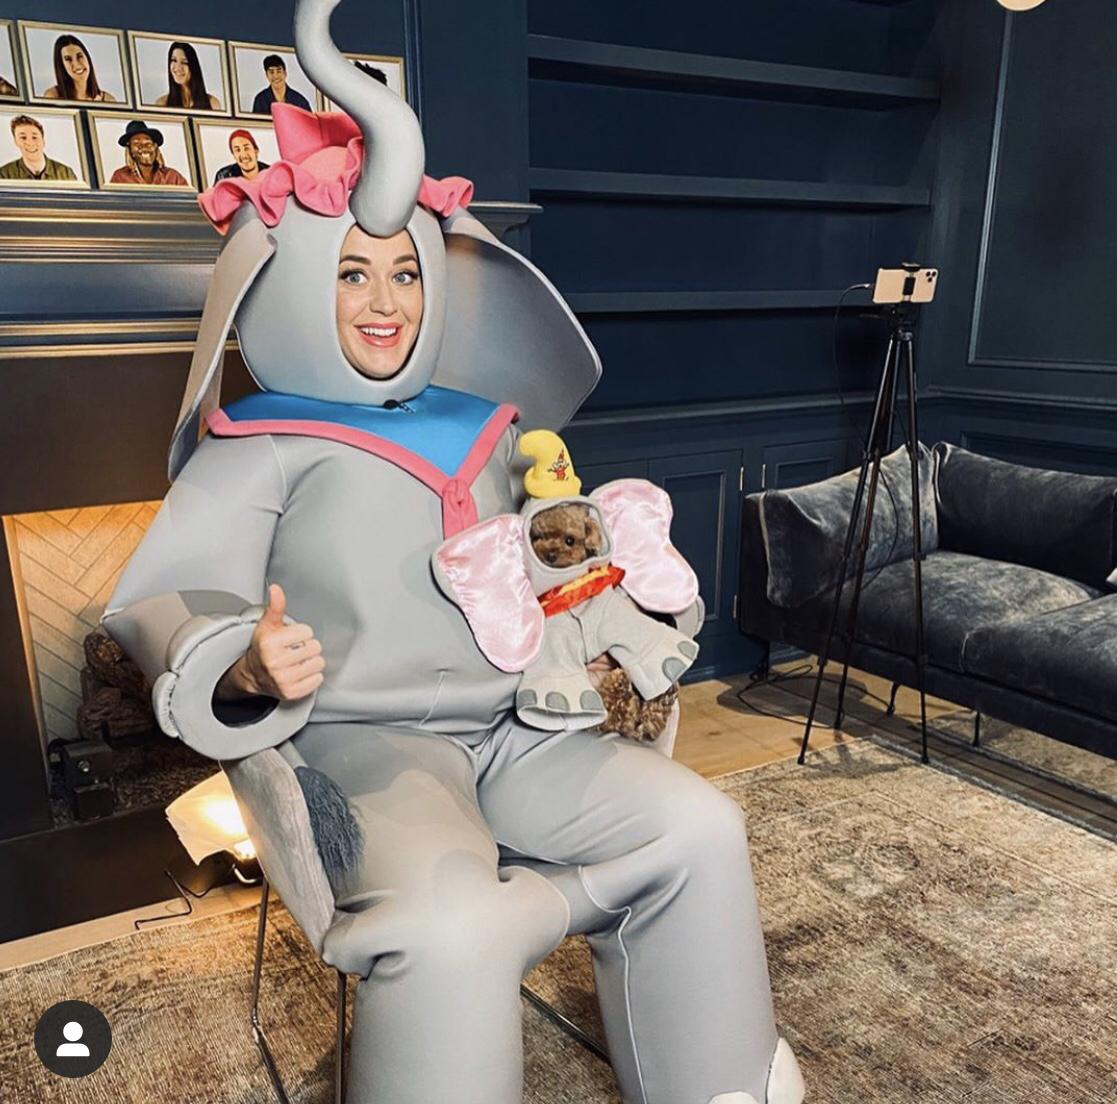 【5月11日】愛犬と映画『ダンボ』のコスチュームを着た理由は?